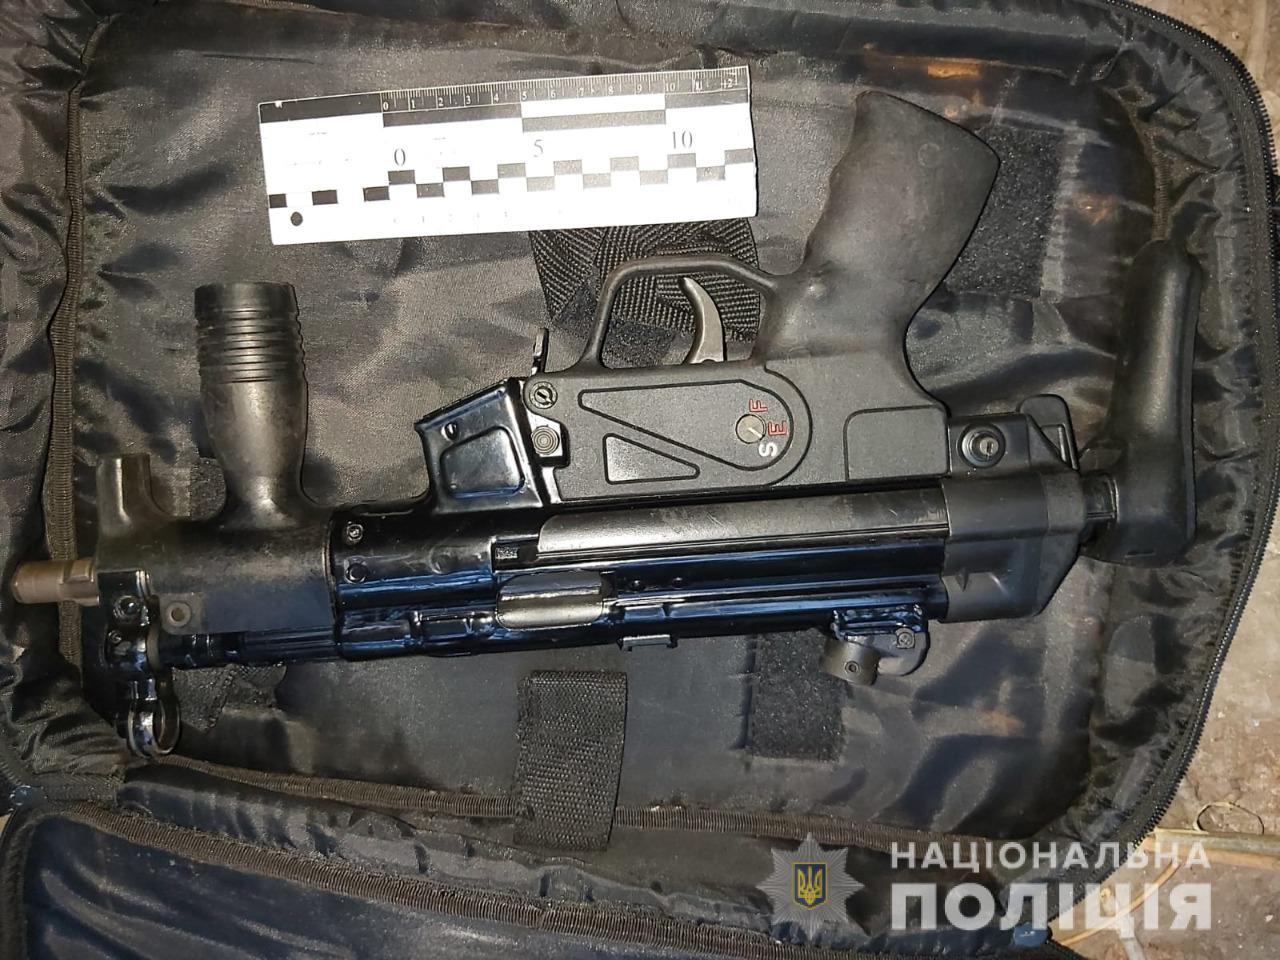 Есть все основания полагать, что убийство - заказное: полицейские установили личность киллера, застрелившего мужчину в Одессе, а также задержали его сообщника